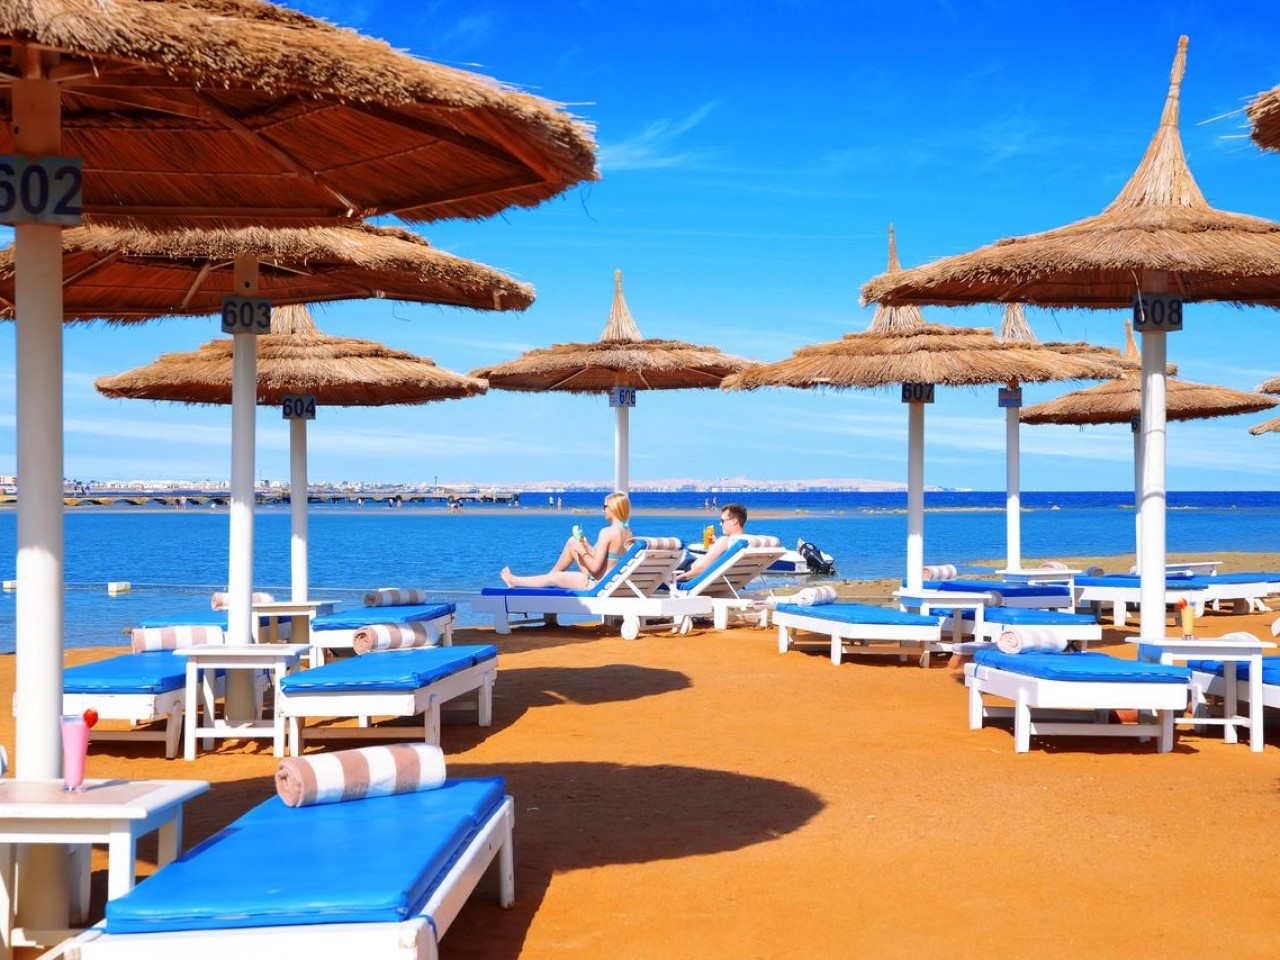 DANA BEACH RESORT, Hurghada, Egypt